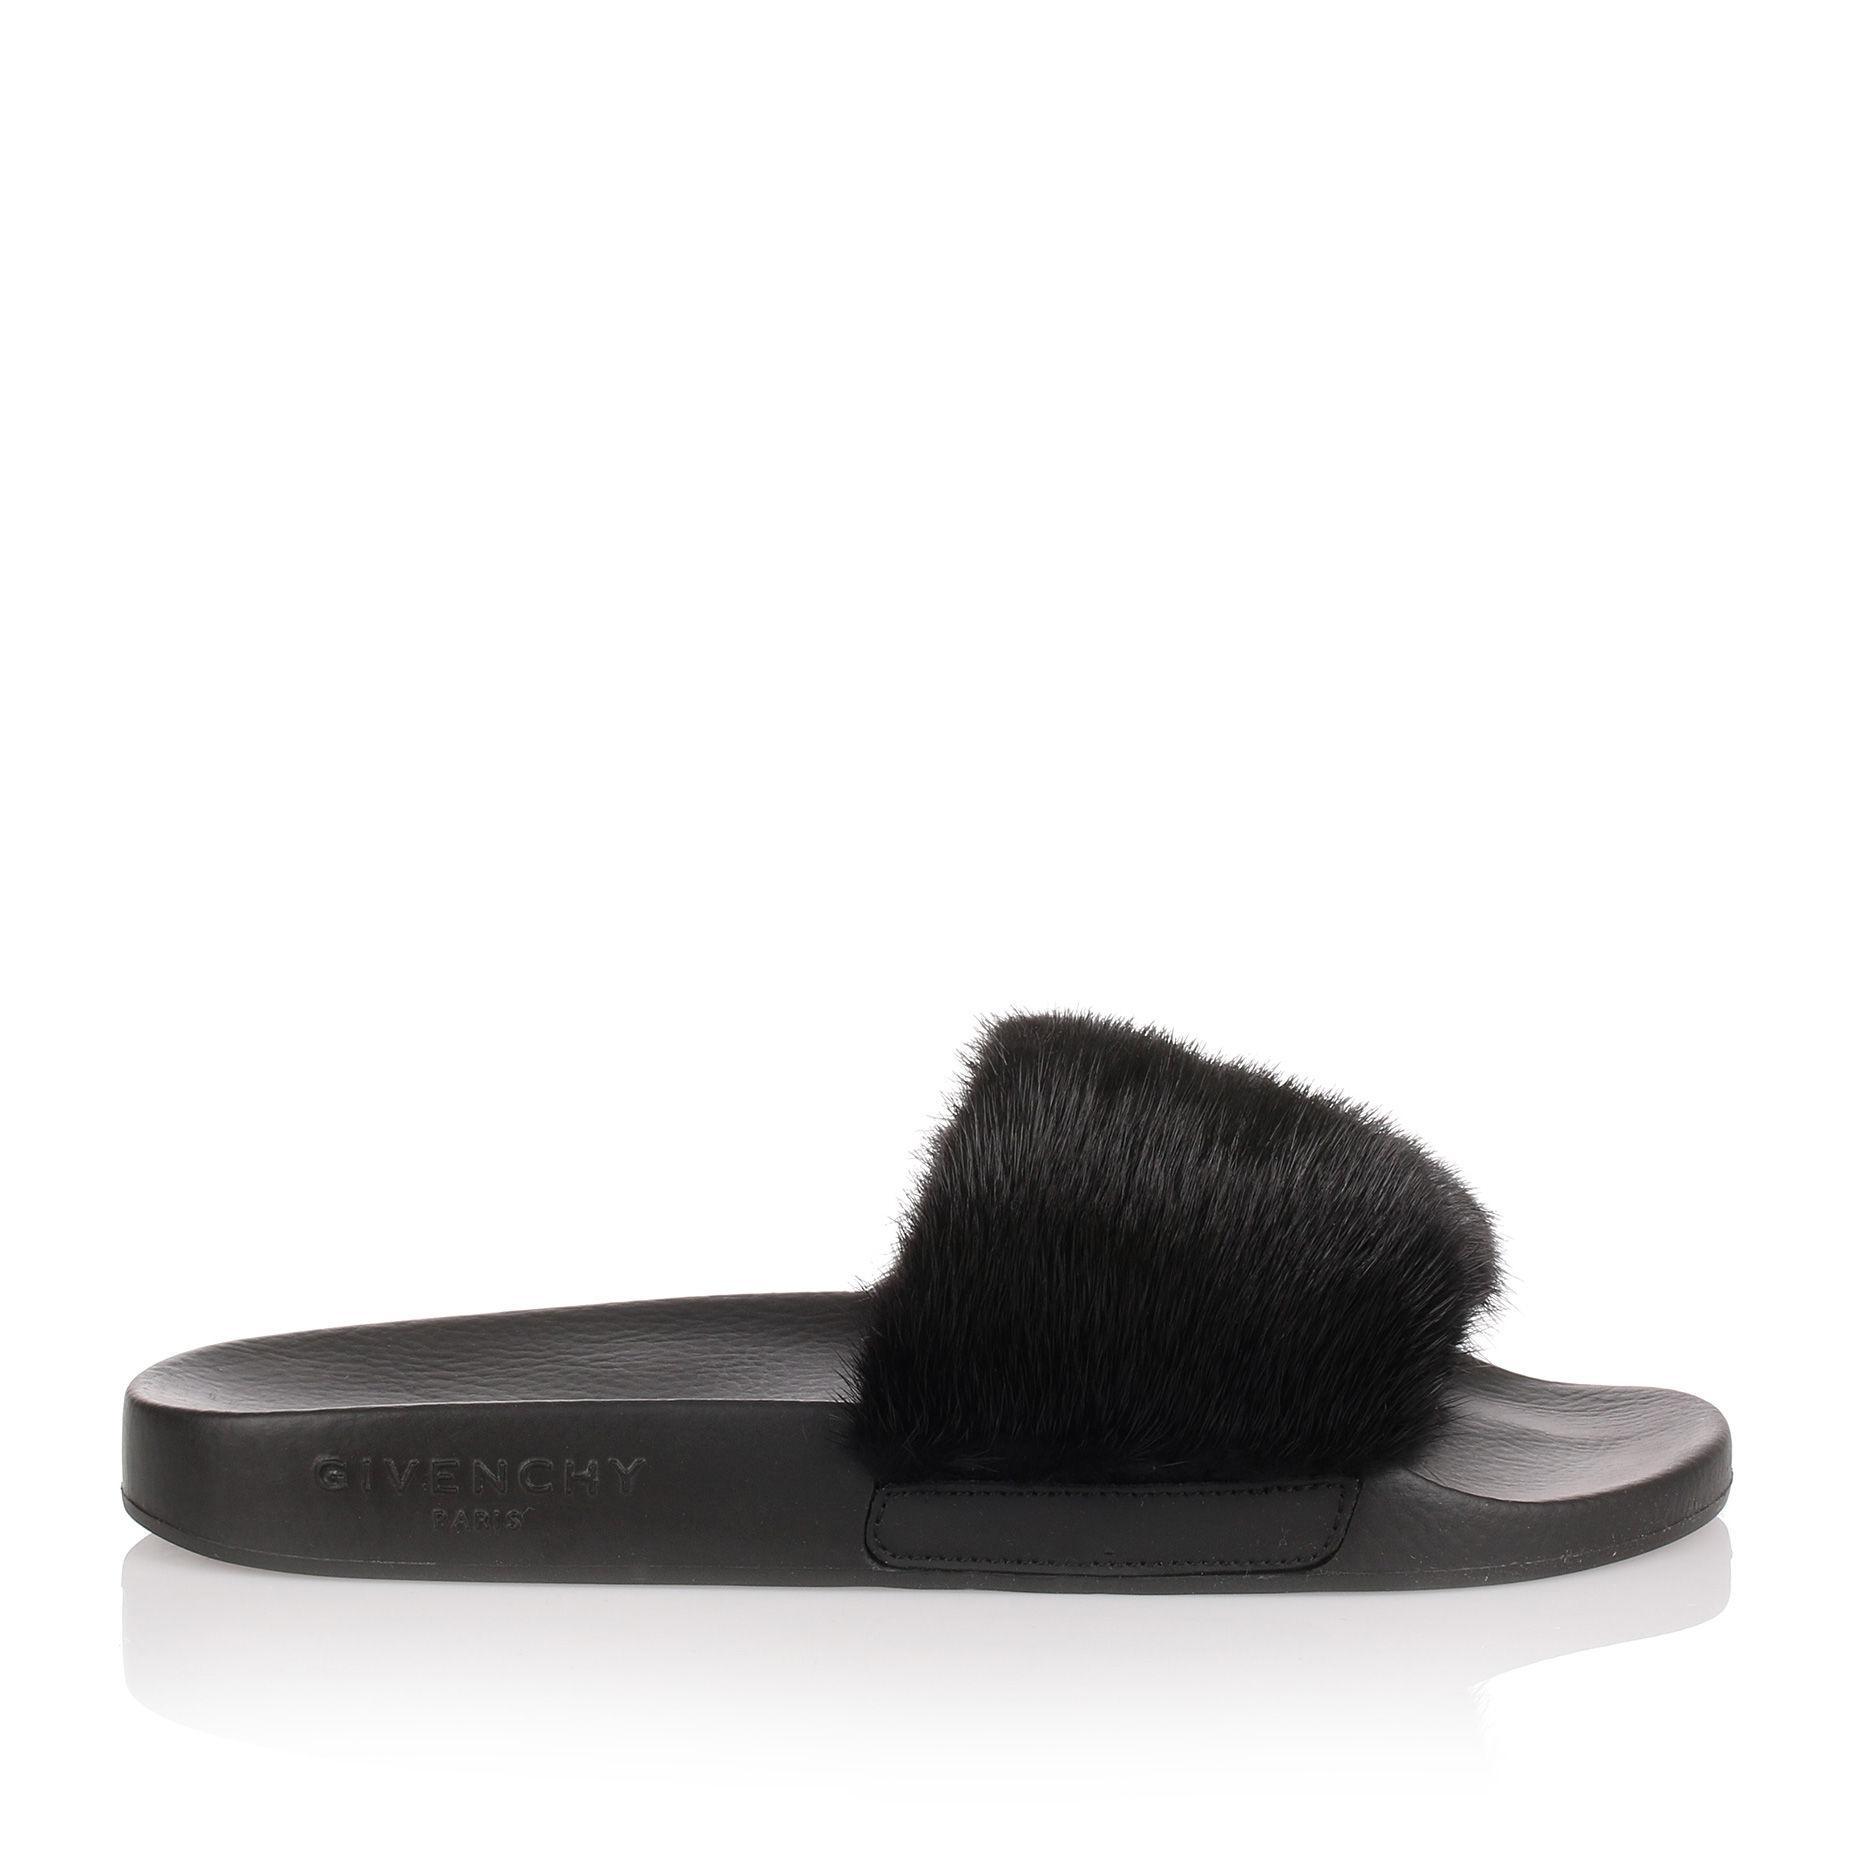 b8bab4313723 Givenchy Black Mink Slide Sandal Us in Black - Save 64% - Lyst